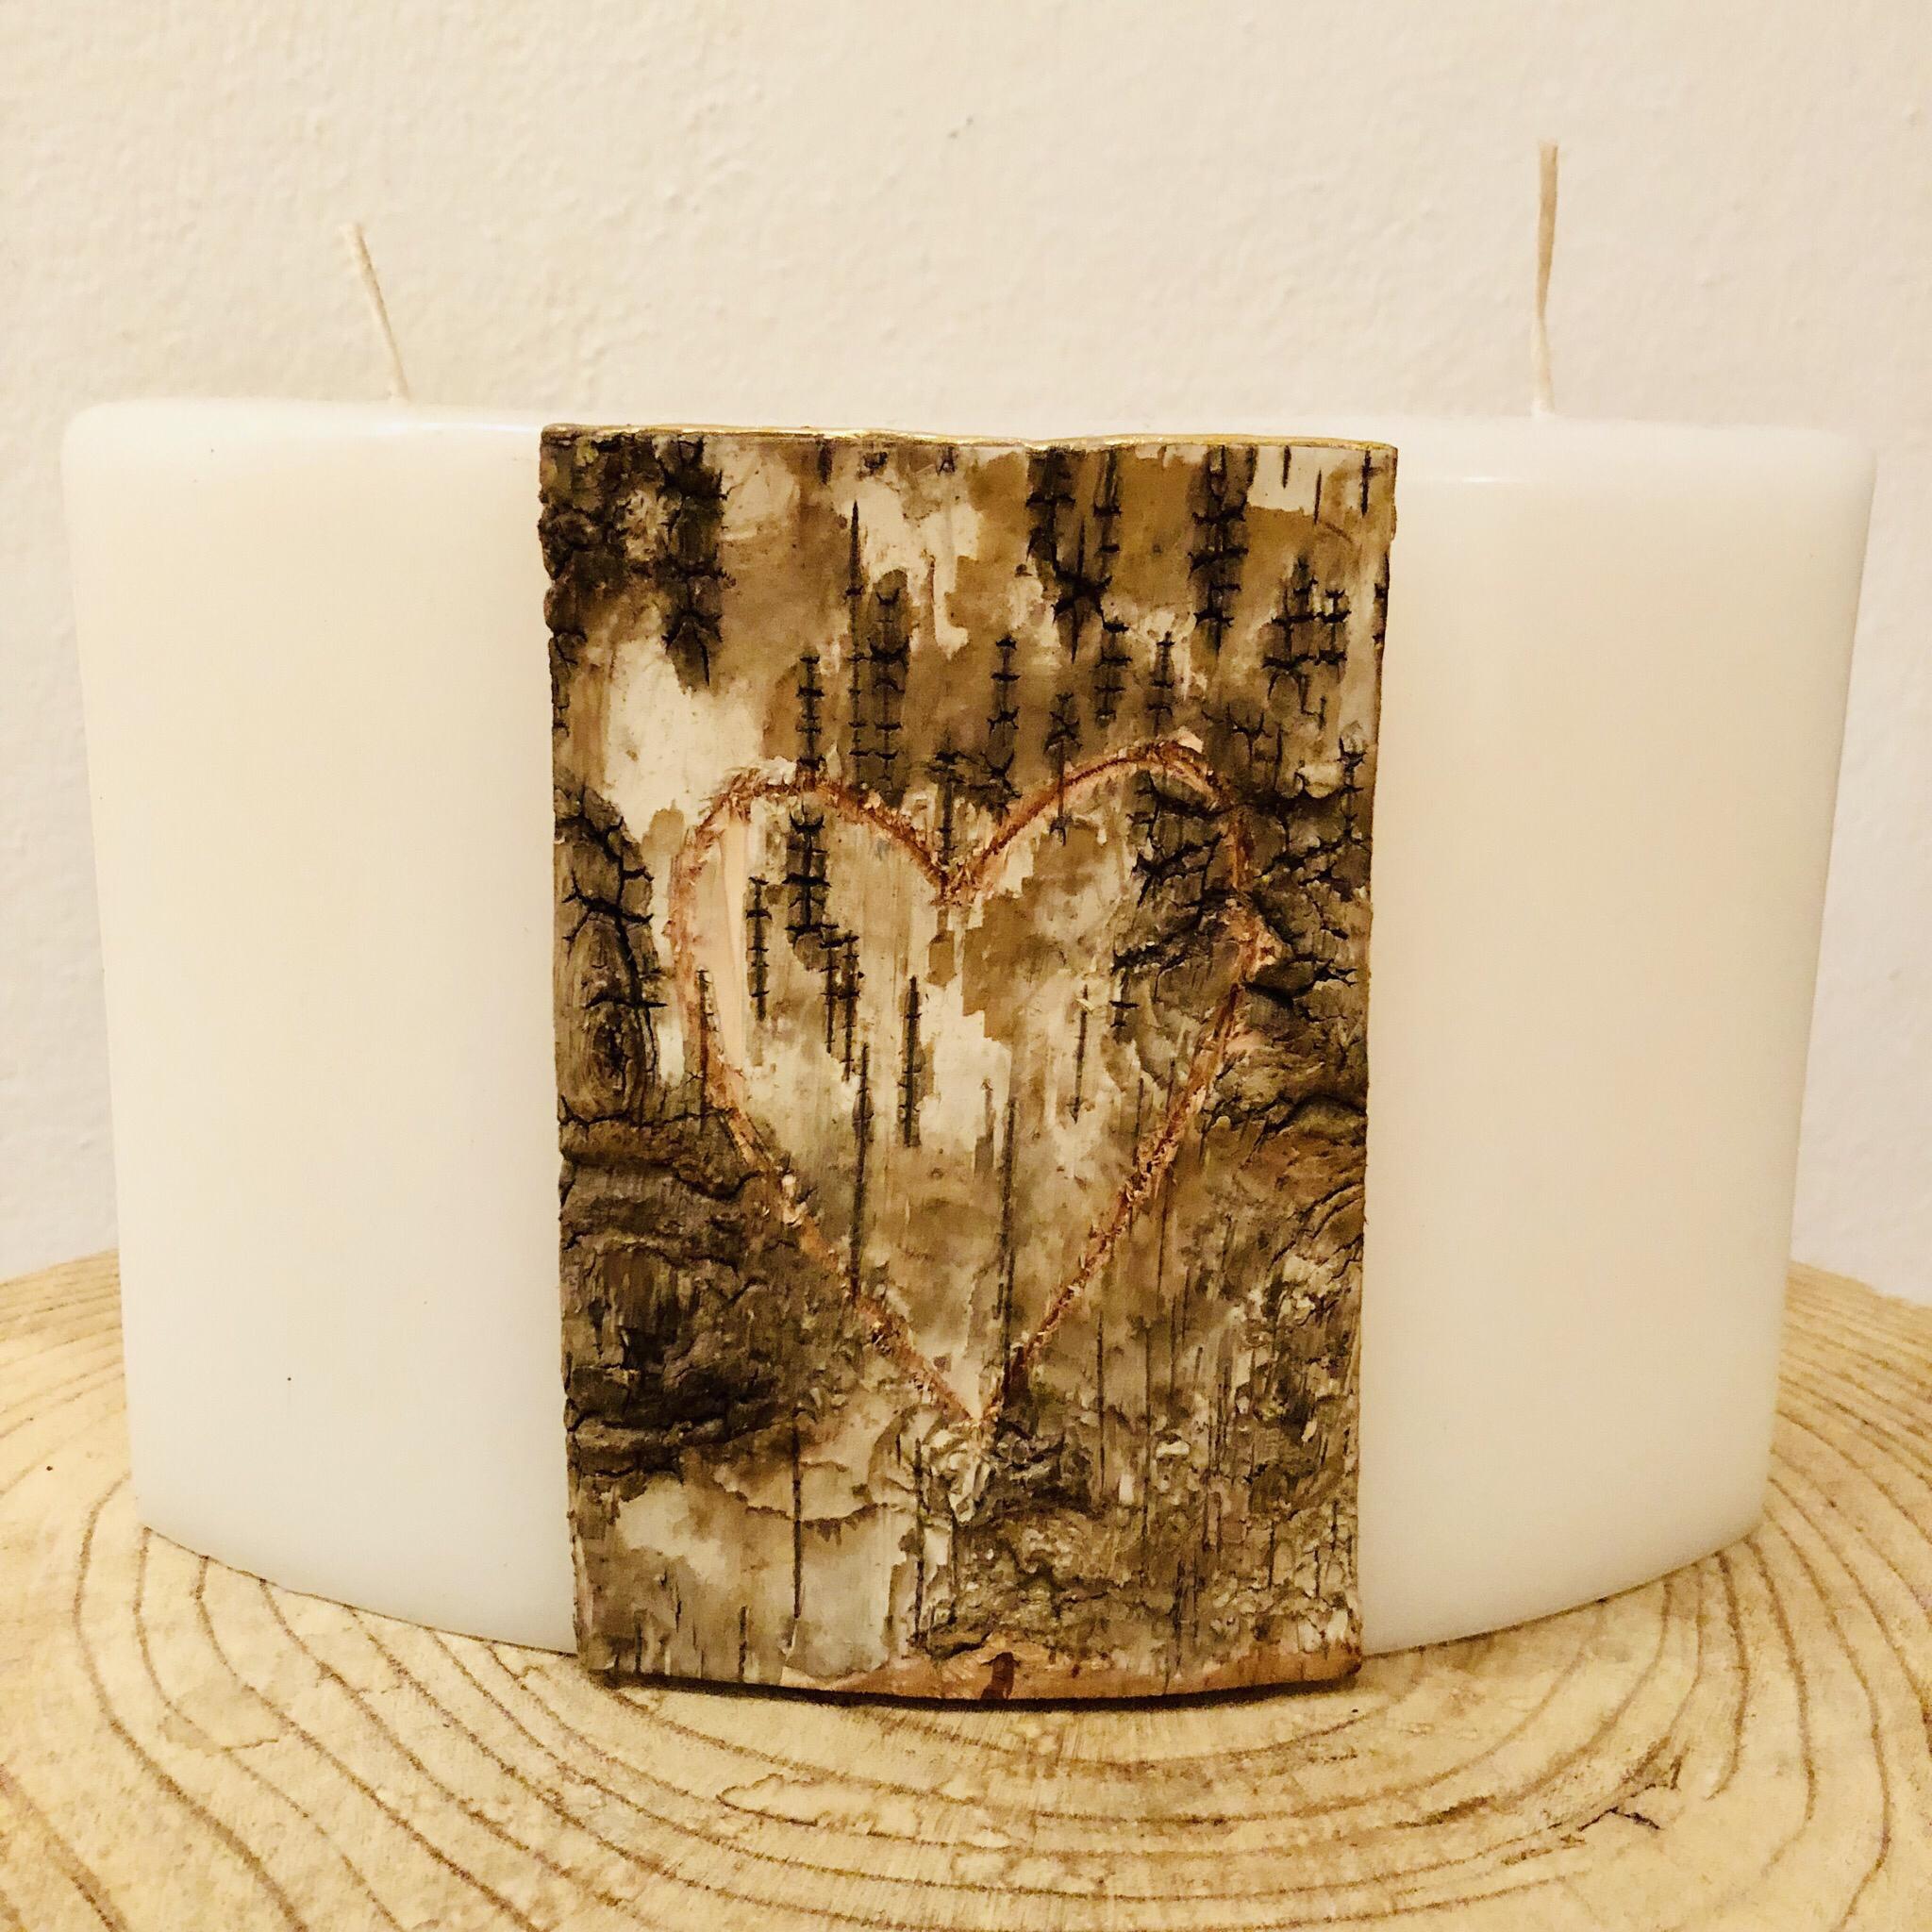 Kerze Hochzeit, Bogen weiß getaucht, mit Birkenplatte und geschnitztem Herz mit Platz für Initialen - Birke mit goldenem Wachsstreifenabschluss - Rückseite gravierfähig - 2 Dochte 25036